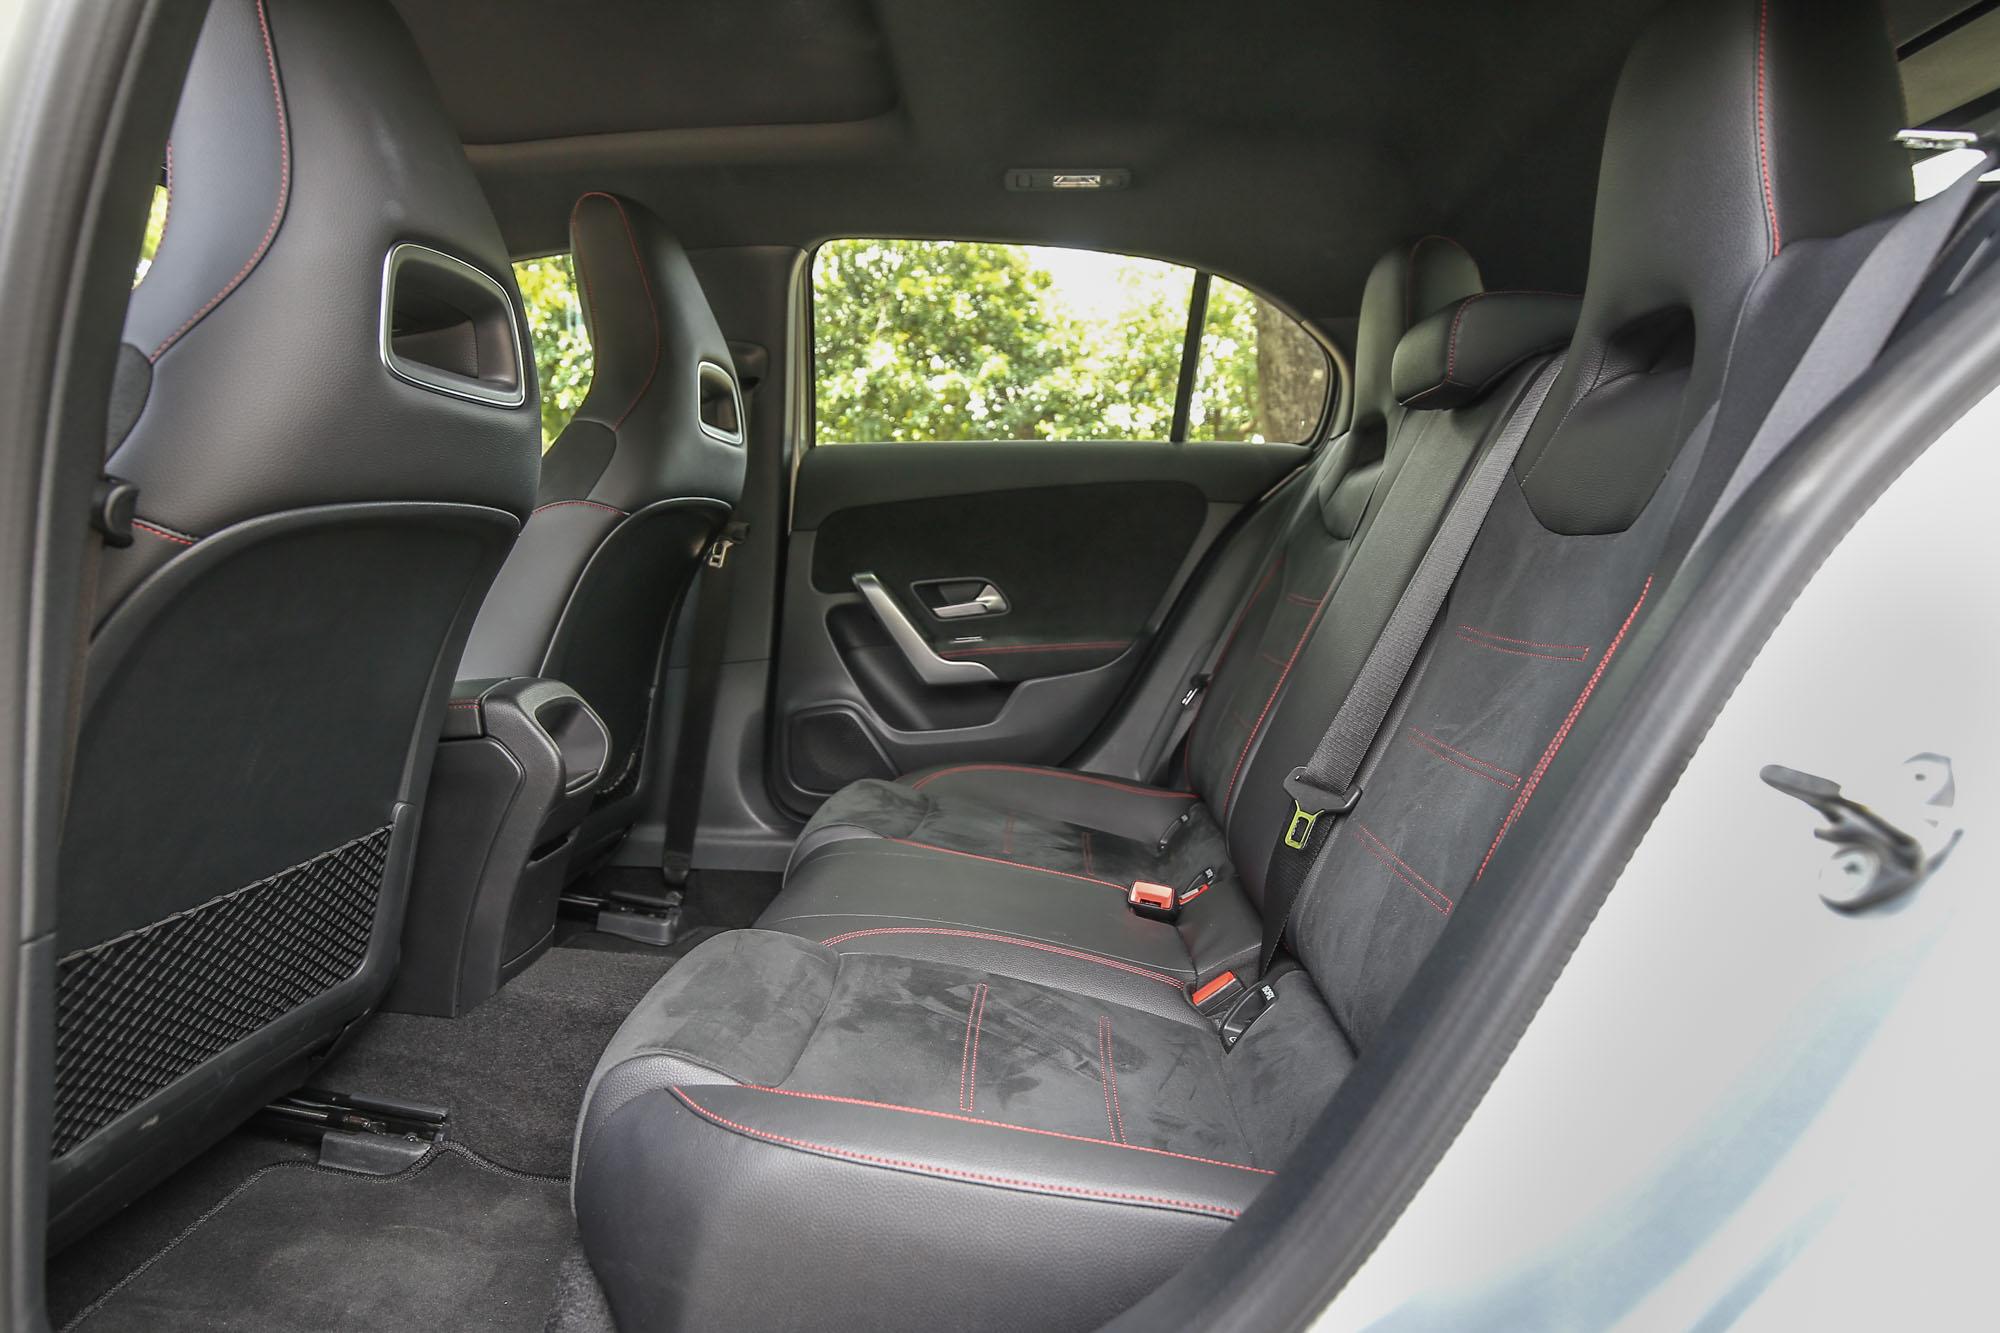 後座同樣配備跑車座椅,並採用 ARTICO/DINAMICA 材質包覆。